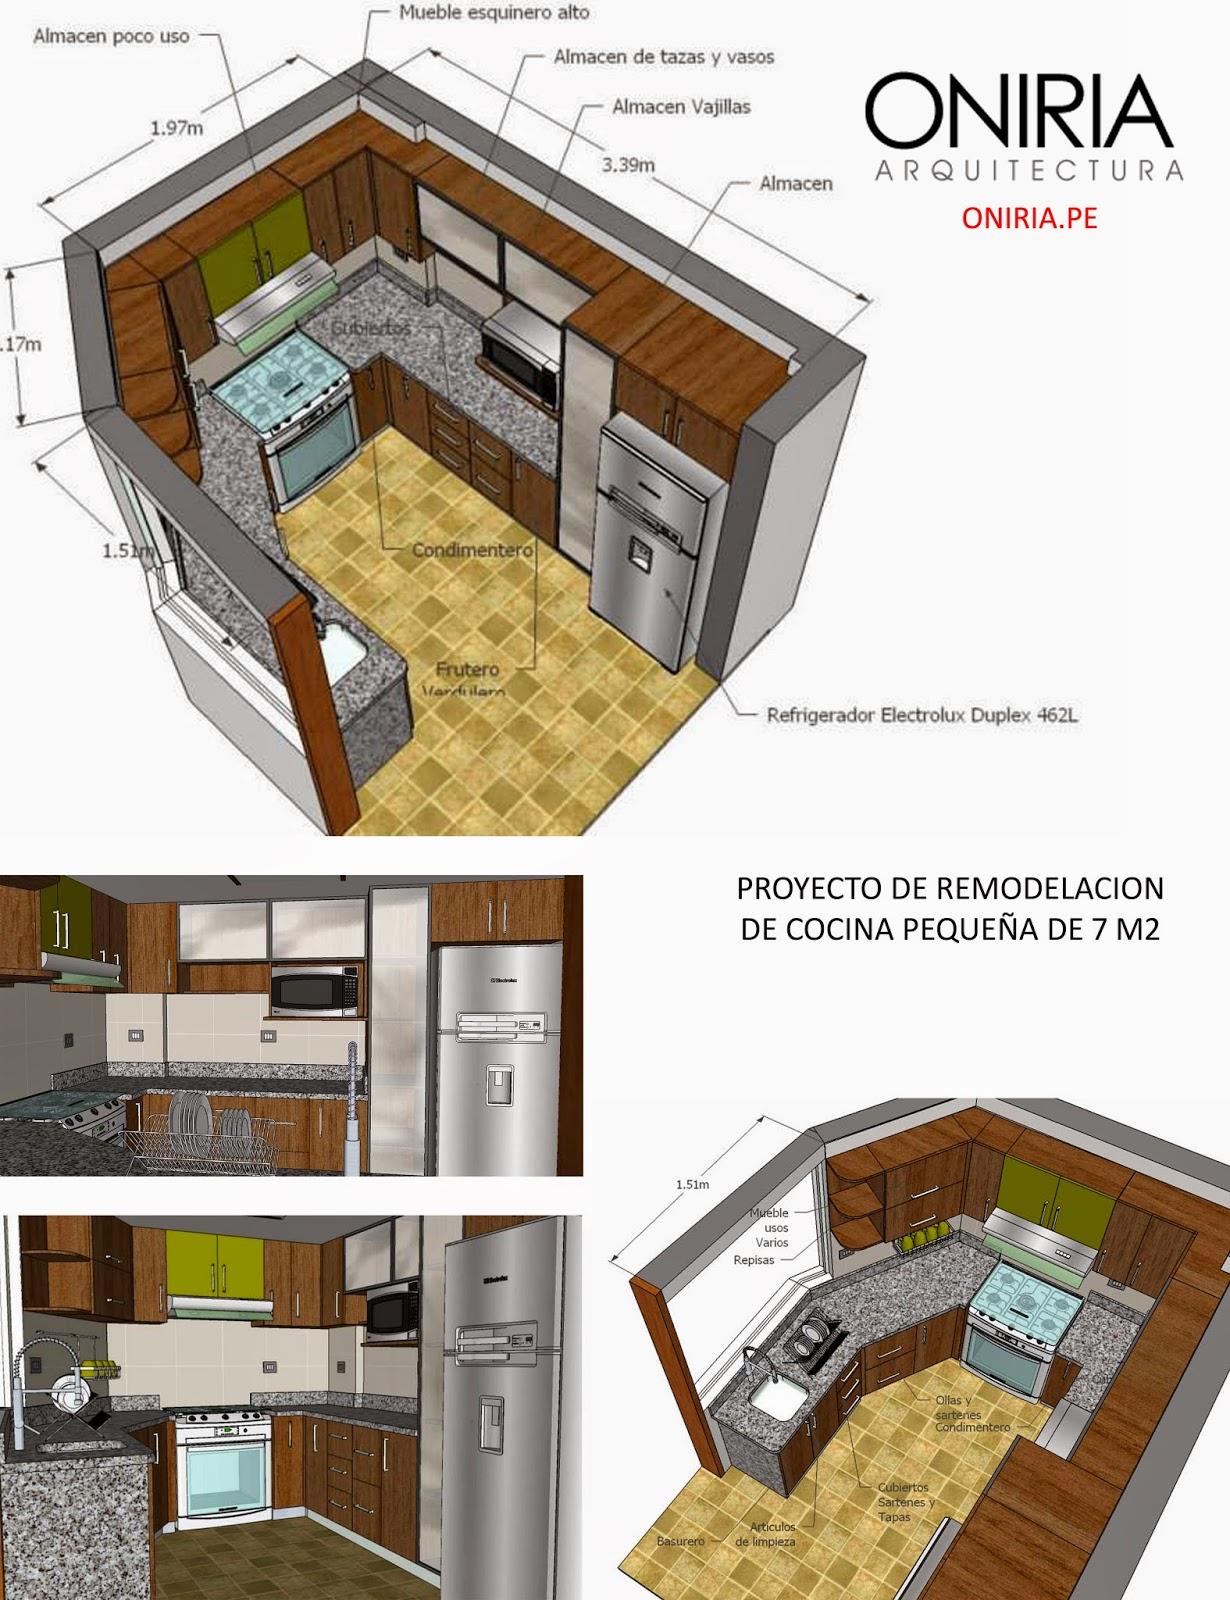 Cristian campos proyecto de remodelacion de cocina for Remodelacion de cocinas pequenas